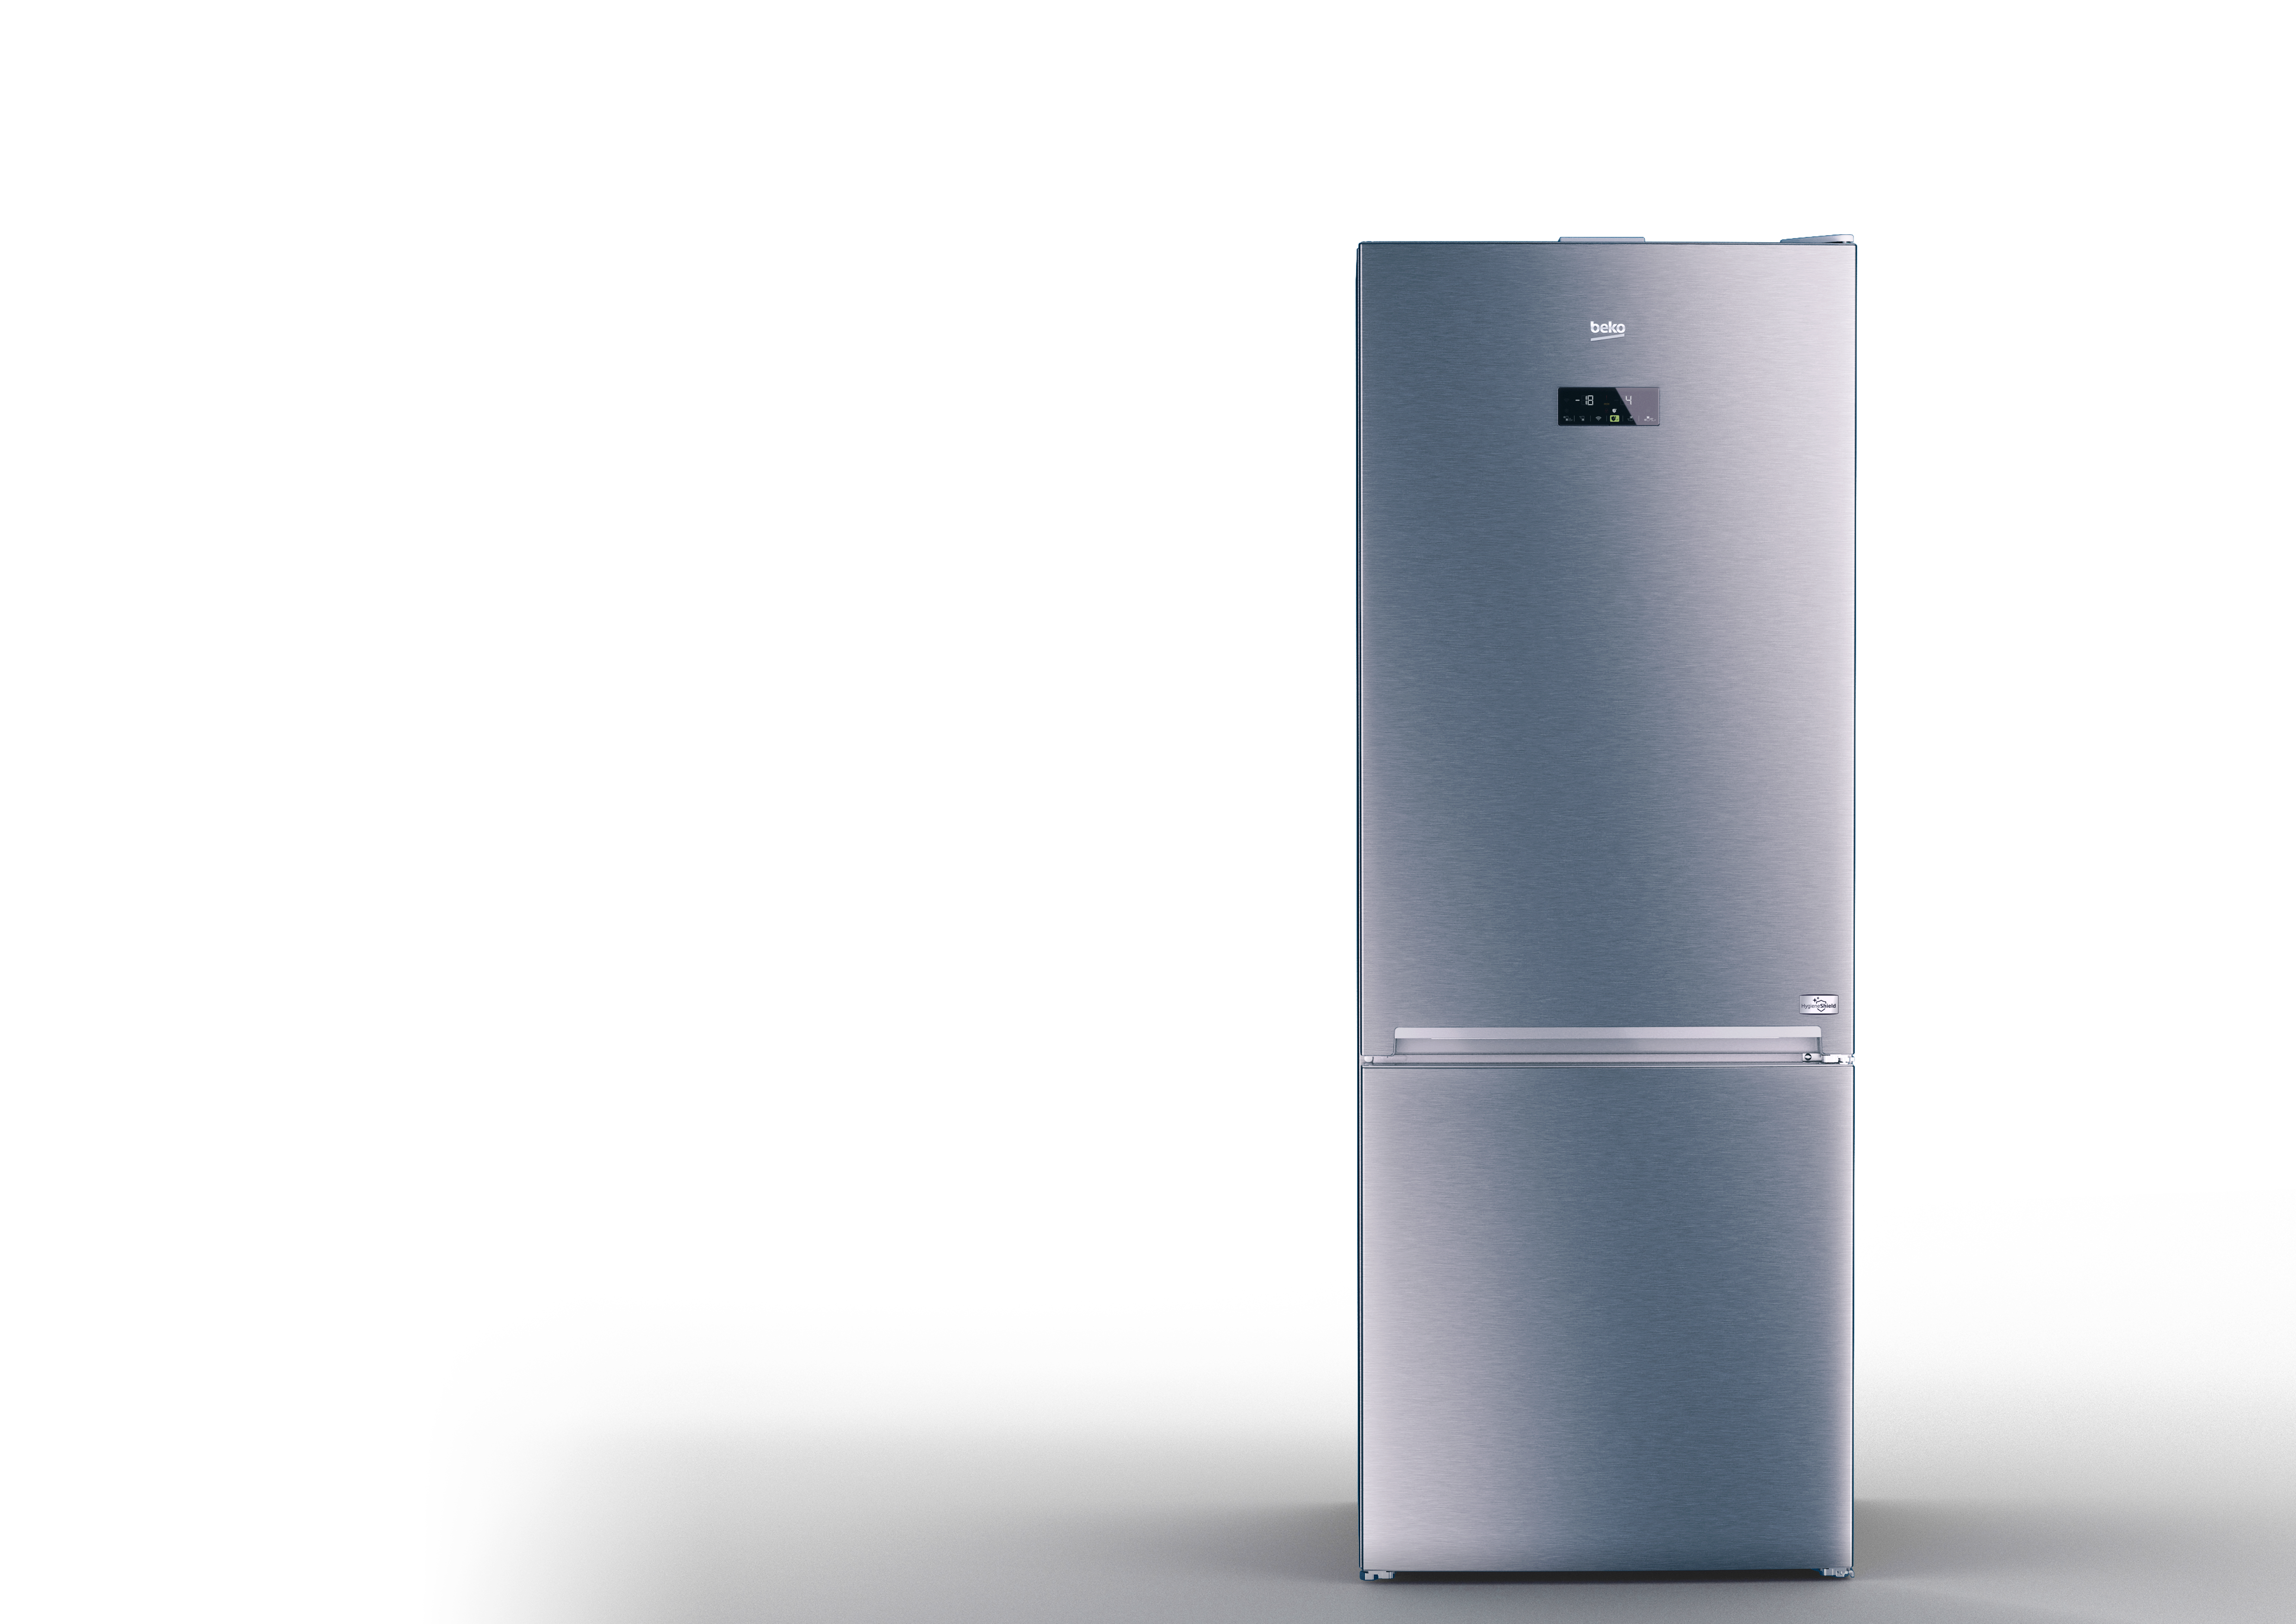 Beko lanza HygieneShield, su gama de electrodomésticos anti coronavirus